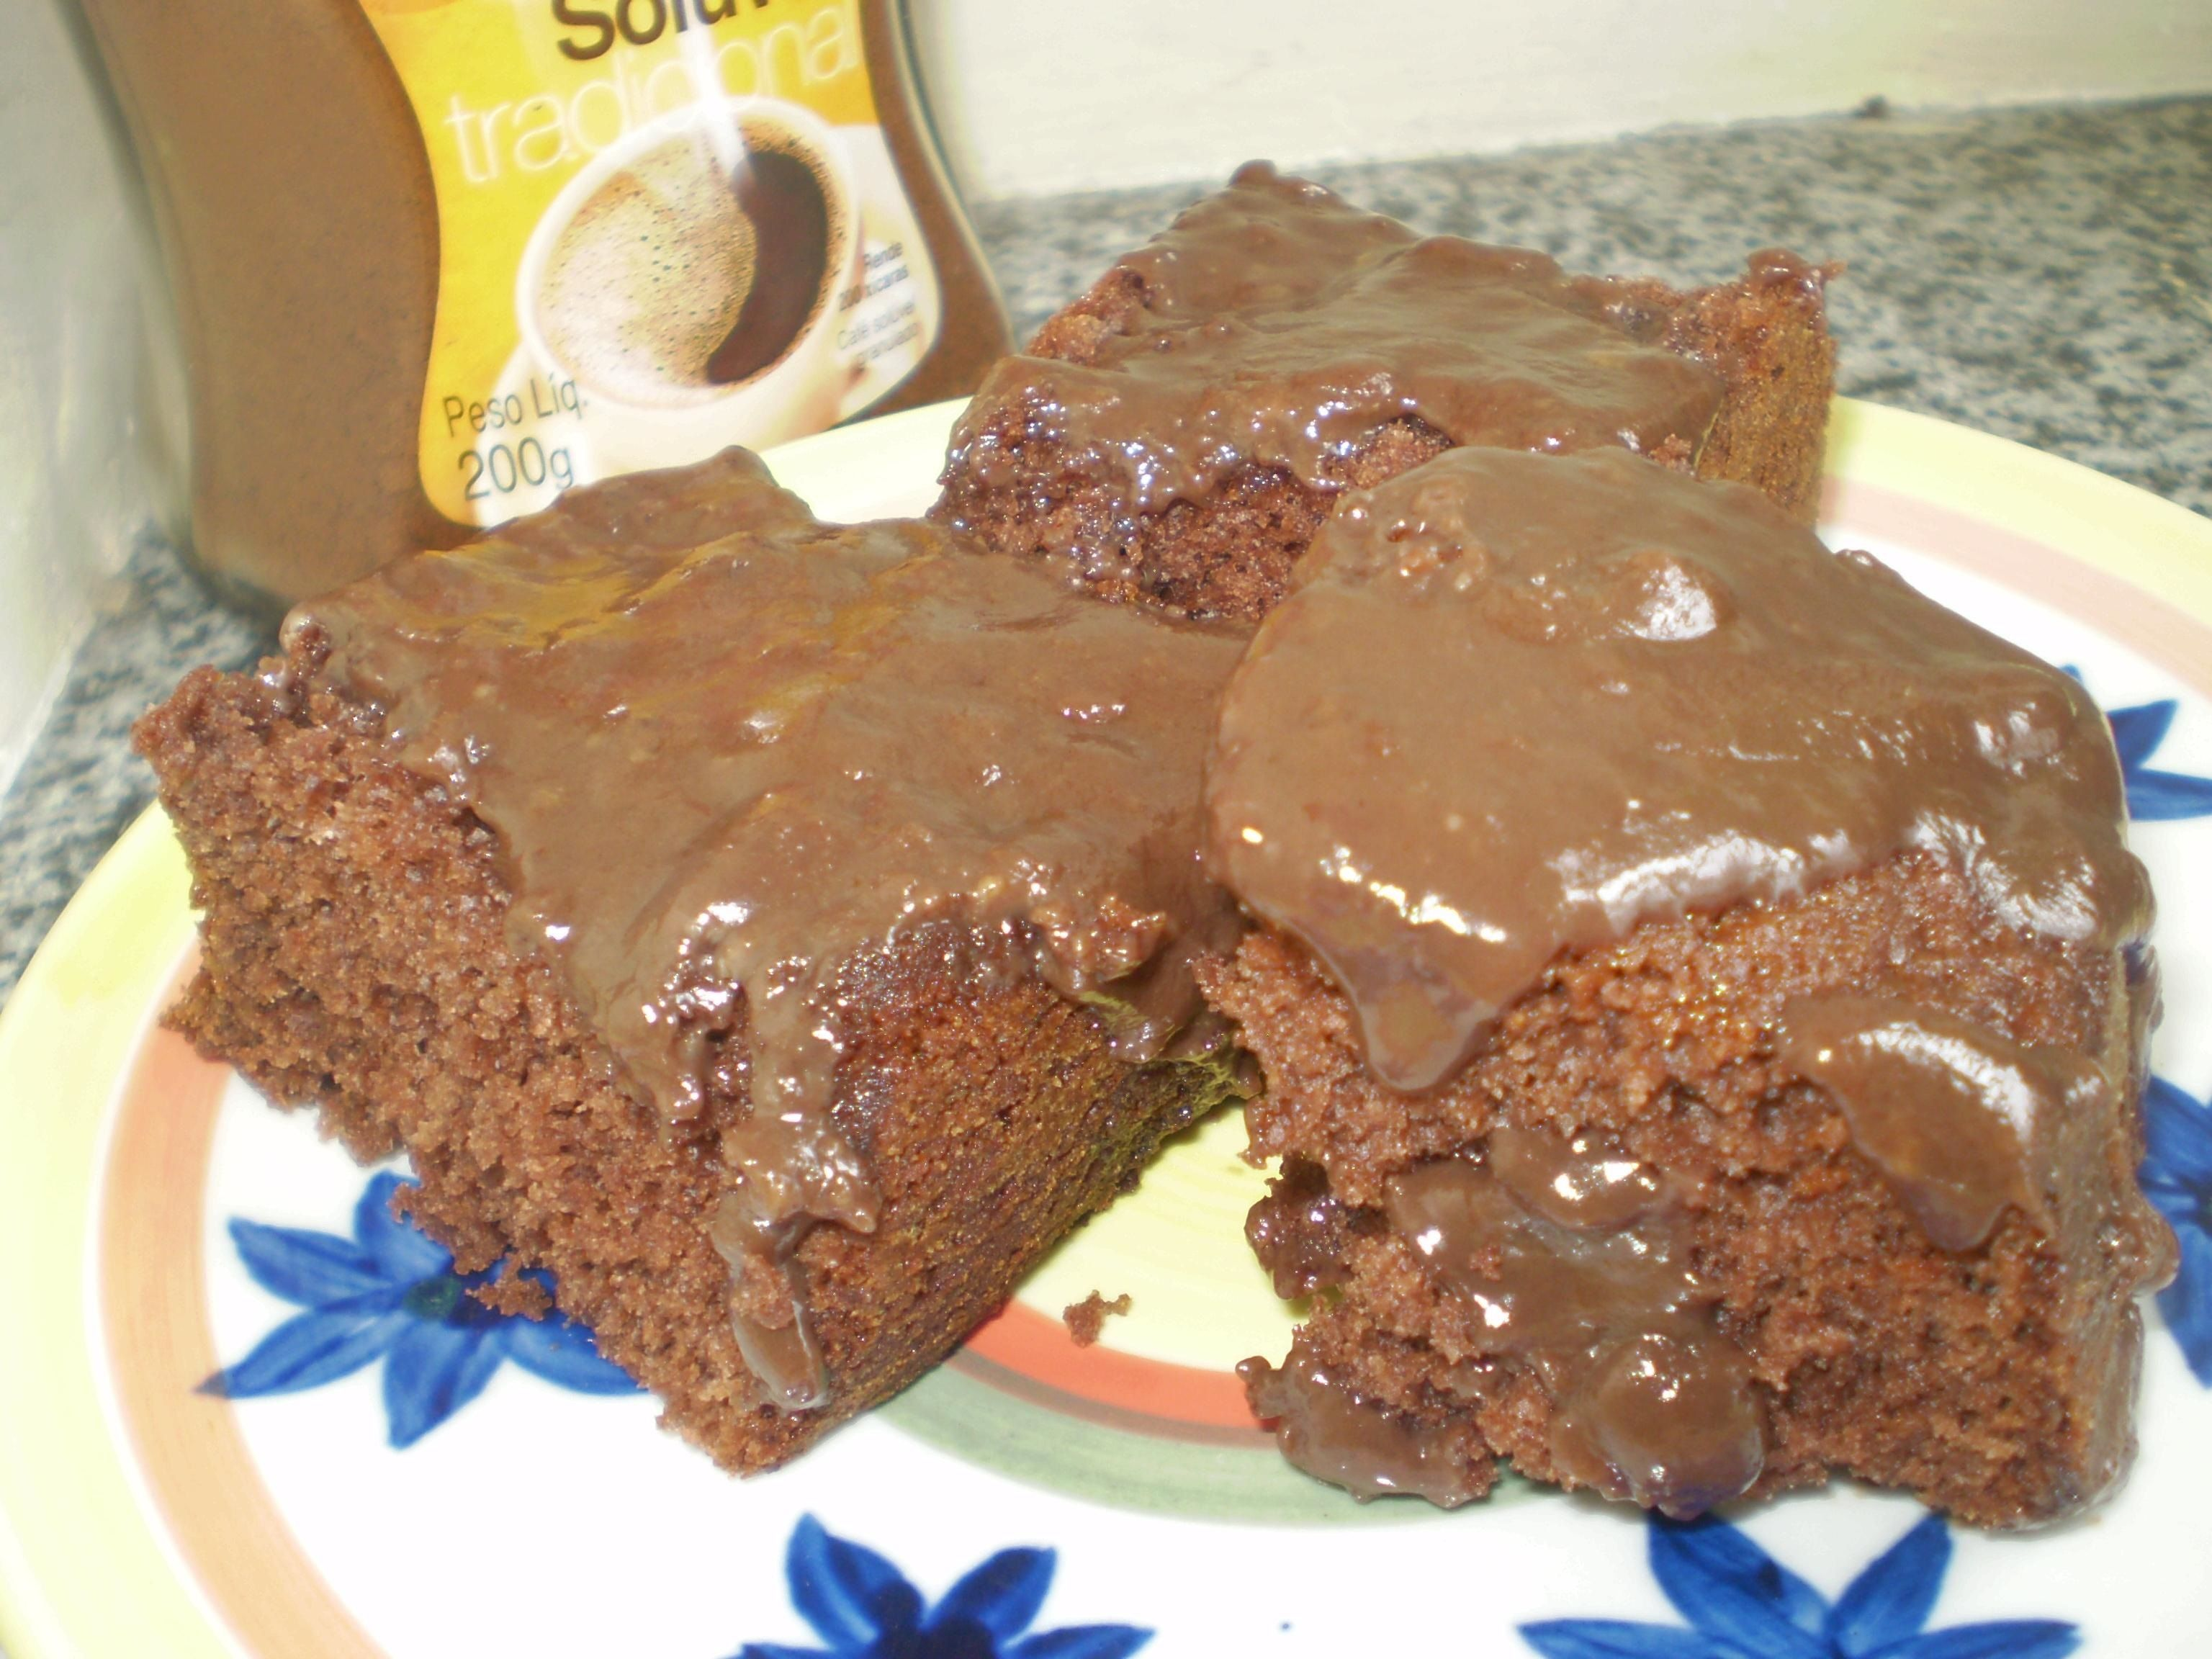 bolo de chocolate com café solúvel